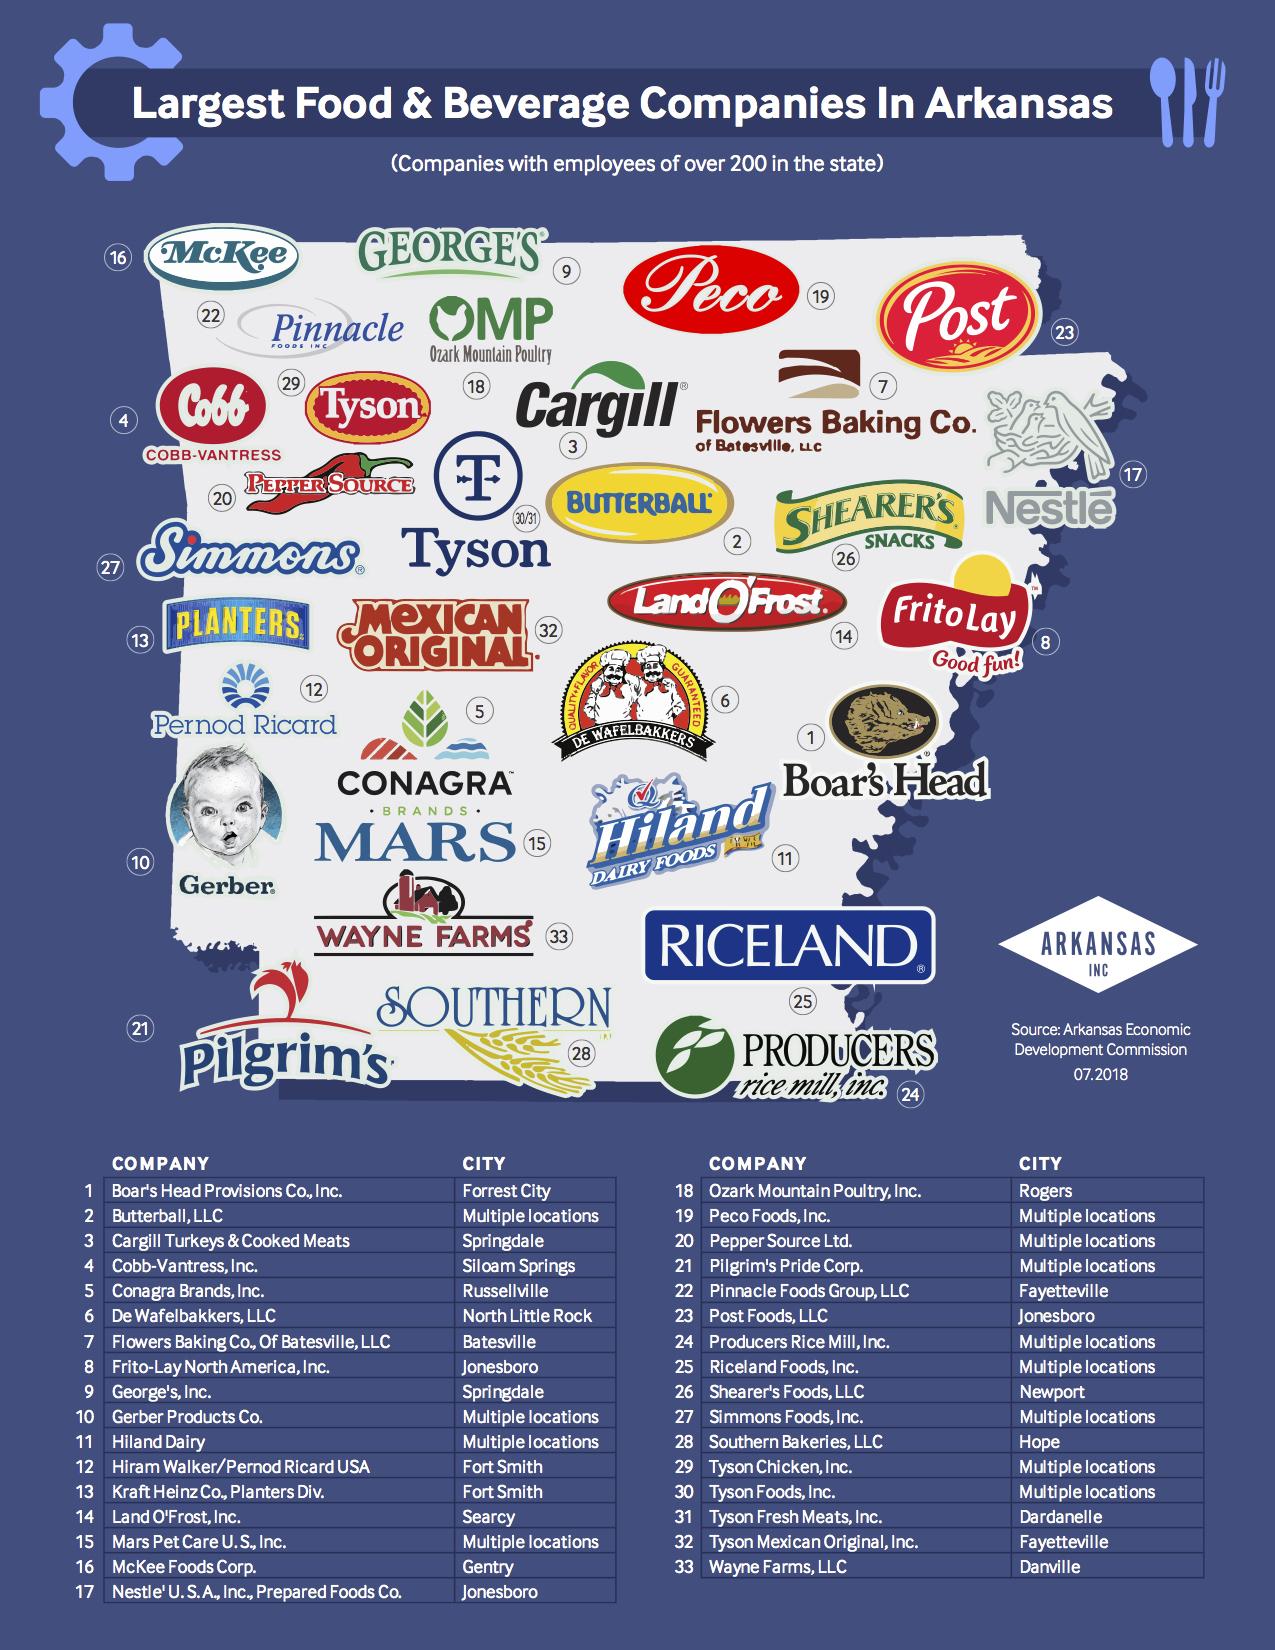 Food and Beverage Companies in Arkansas Breakdown